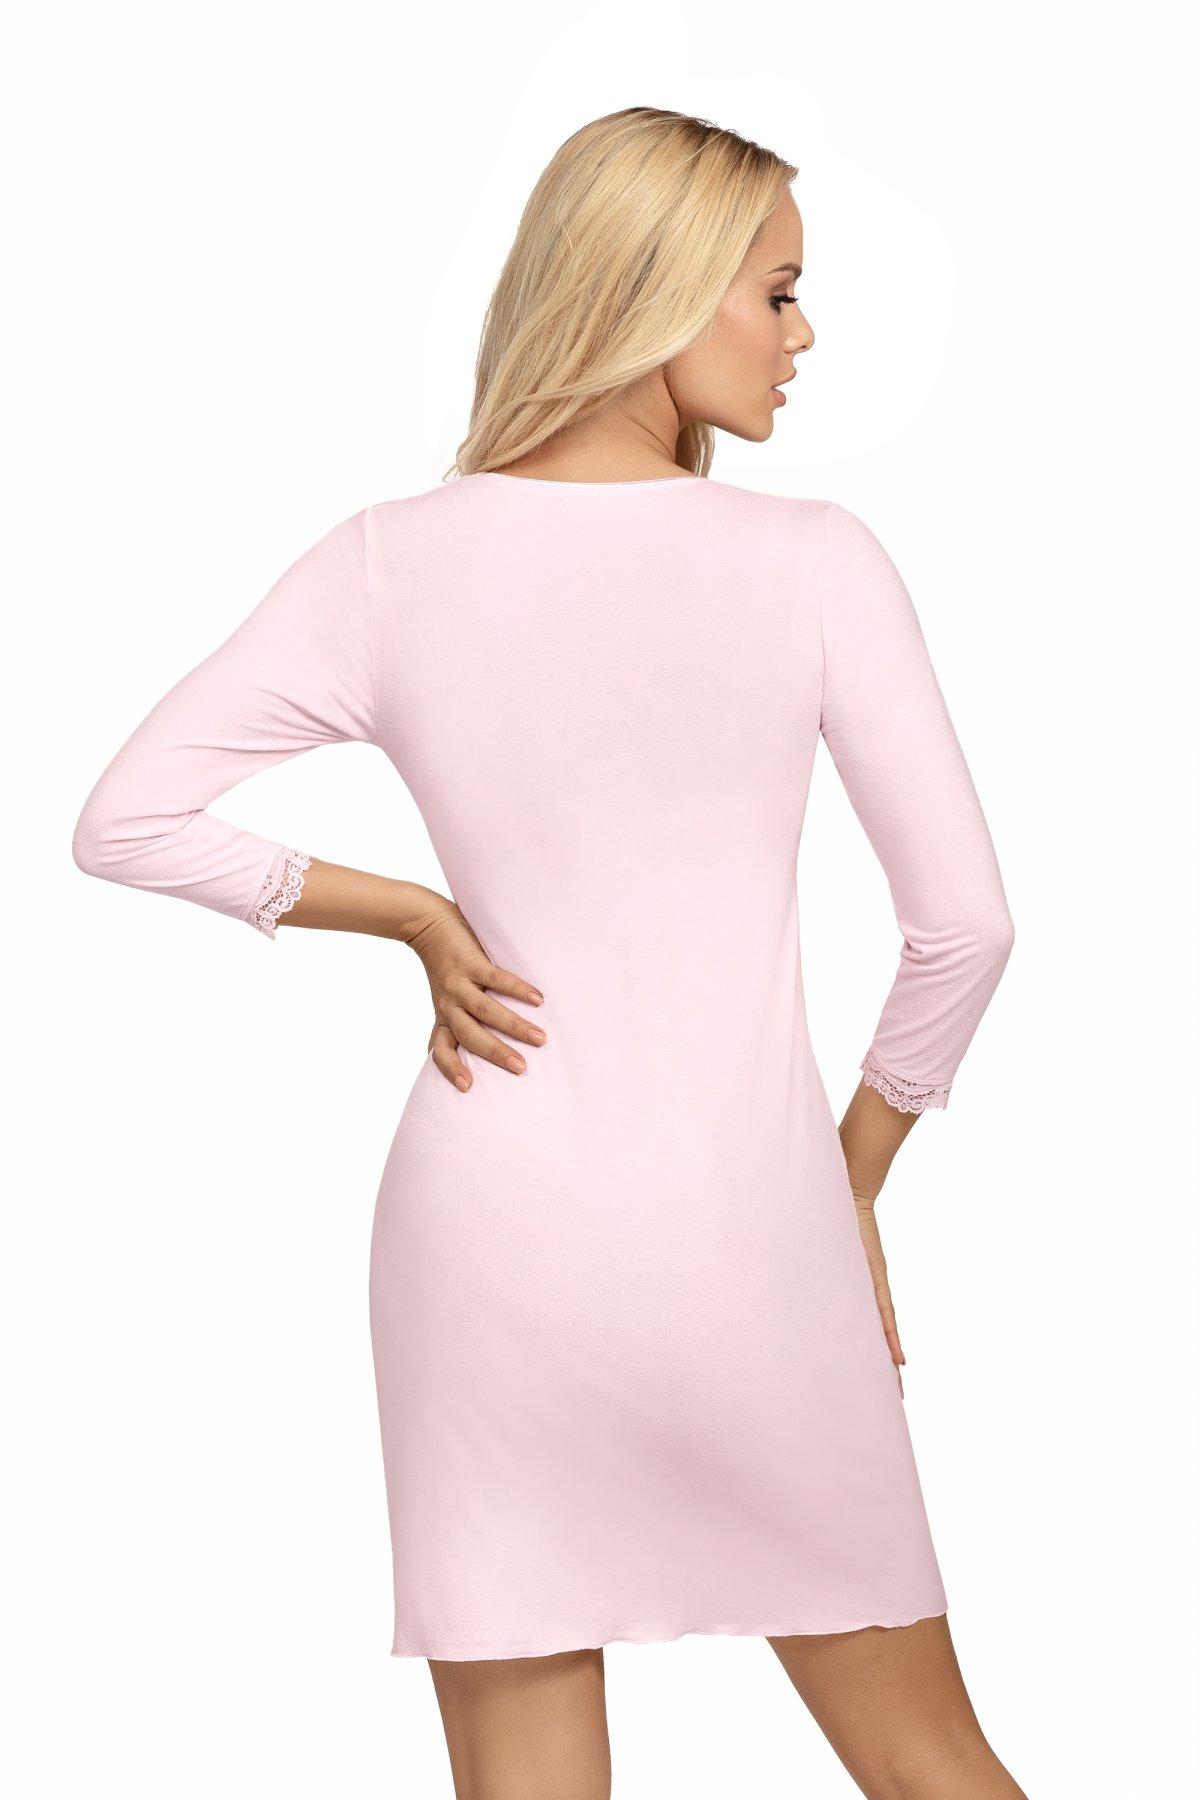 Blanka Pink-PIN